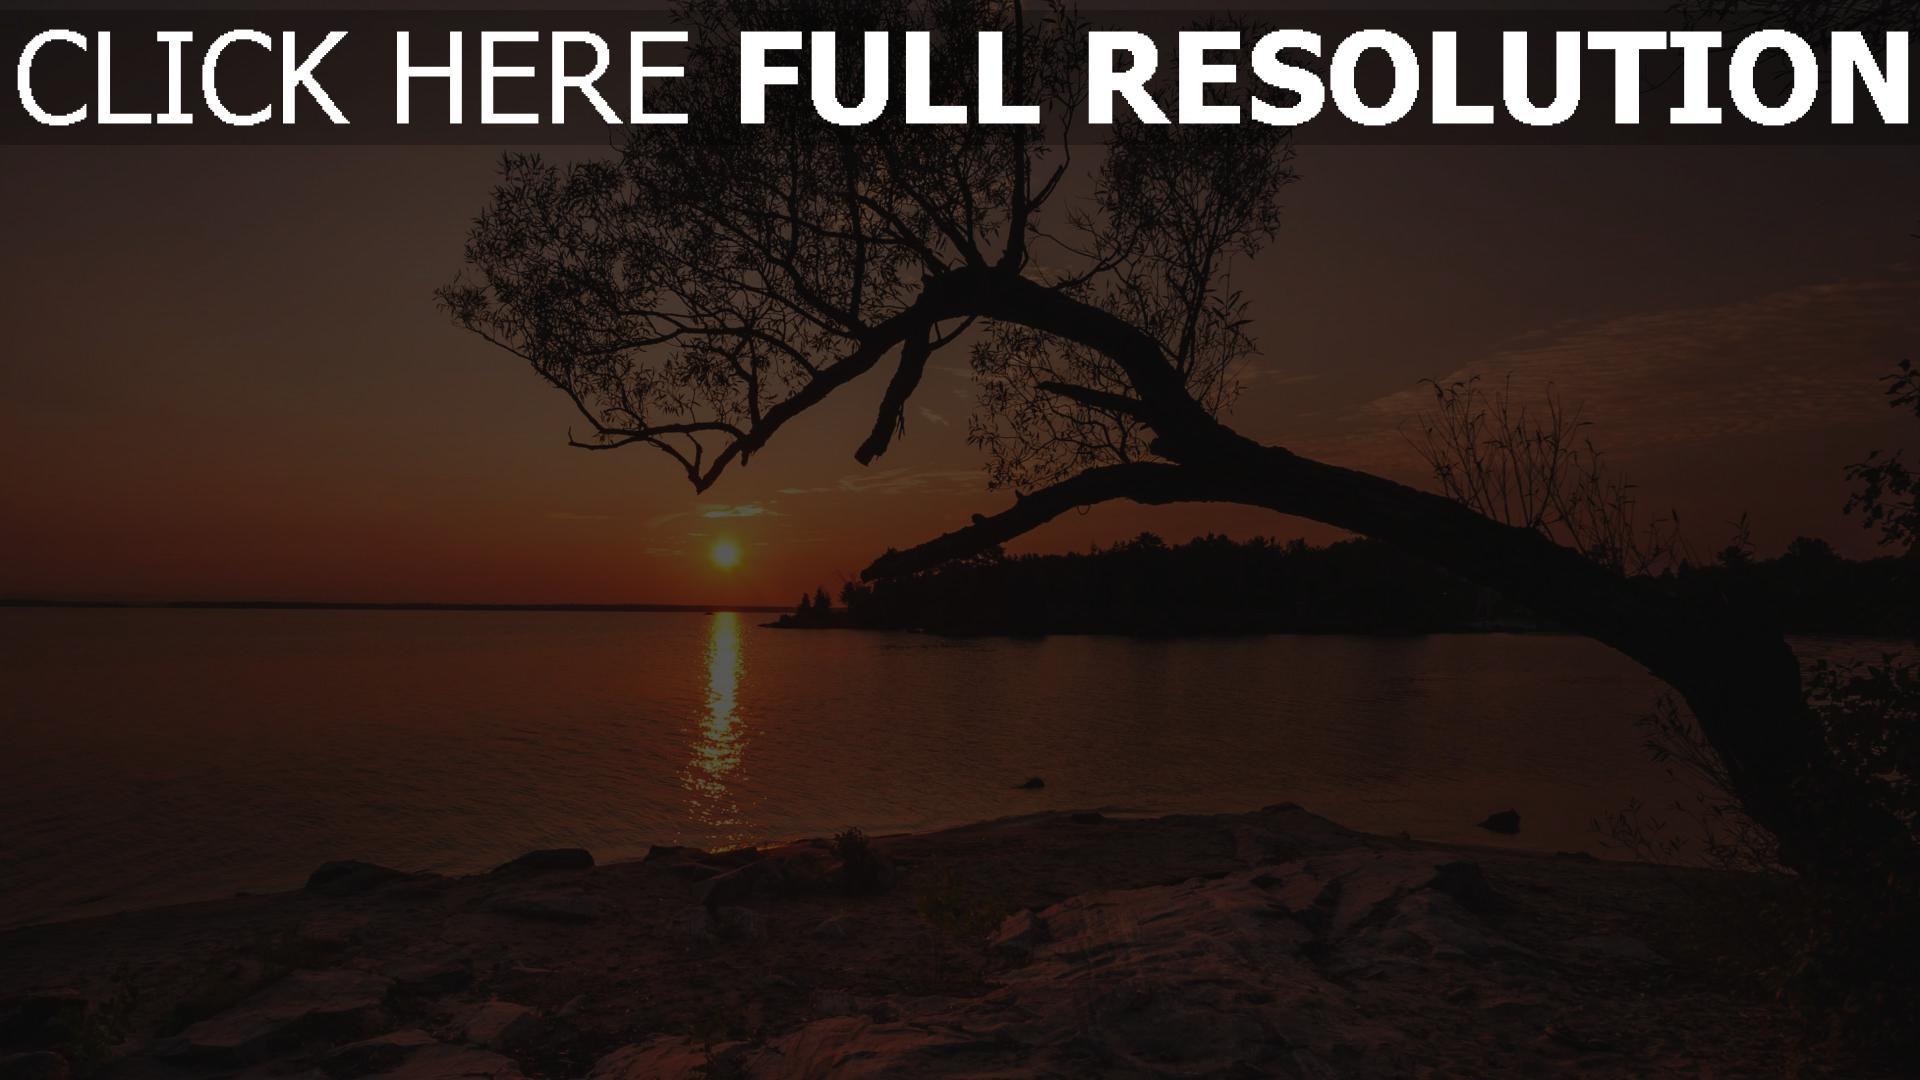 HD Hintergrundbilder sonnenuntergang strand fluss baum ...